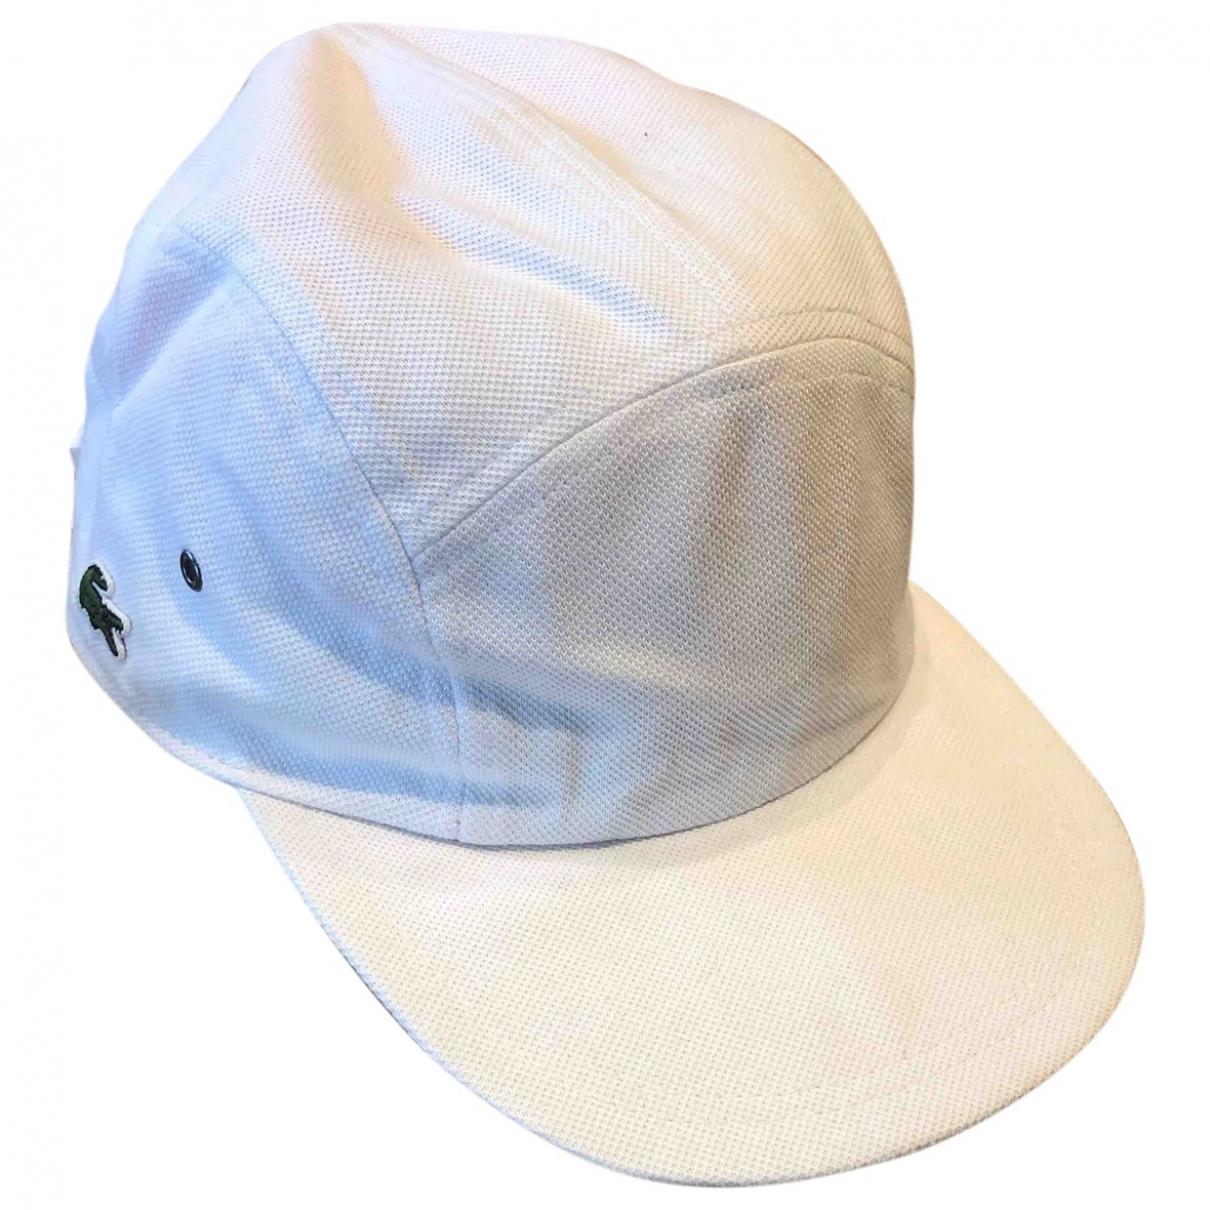 Sombrero / gorro Lacoste X Supreme